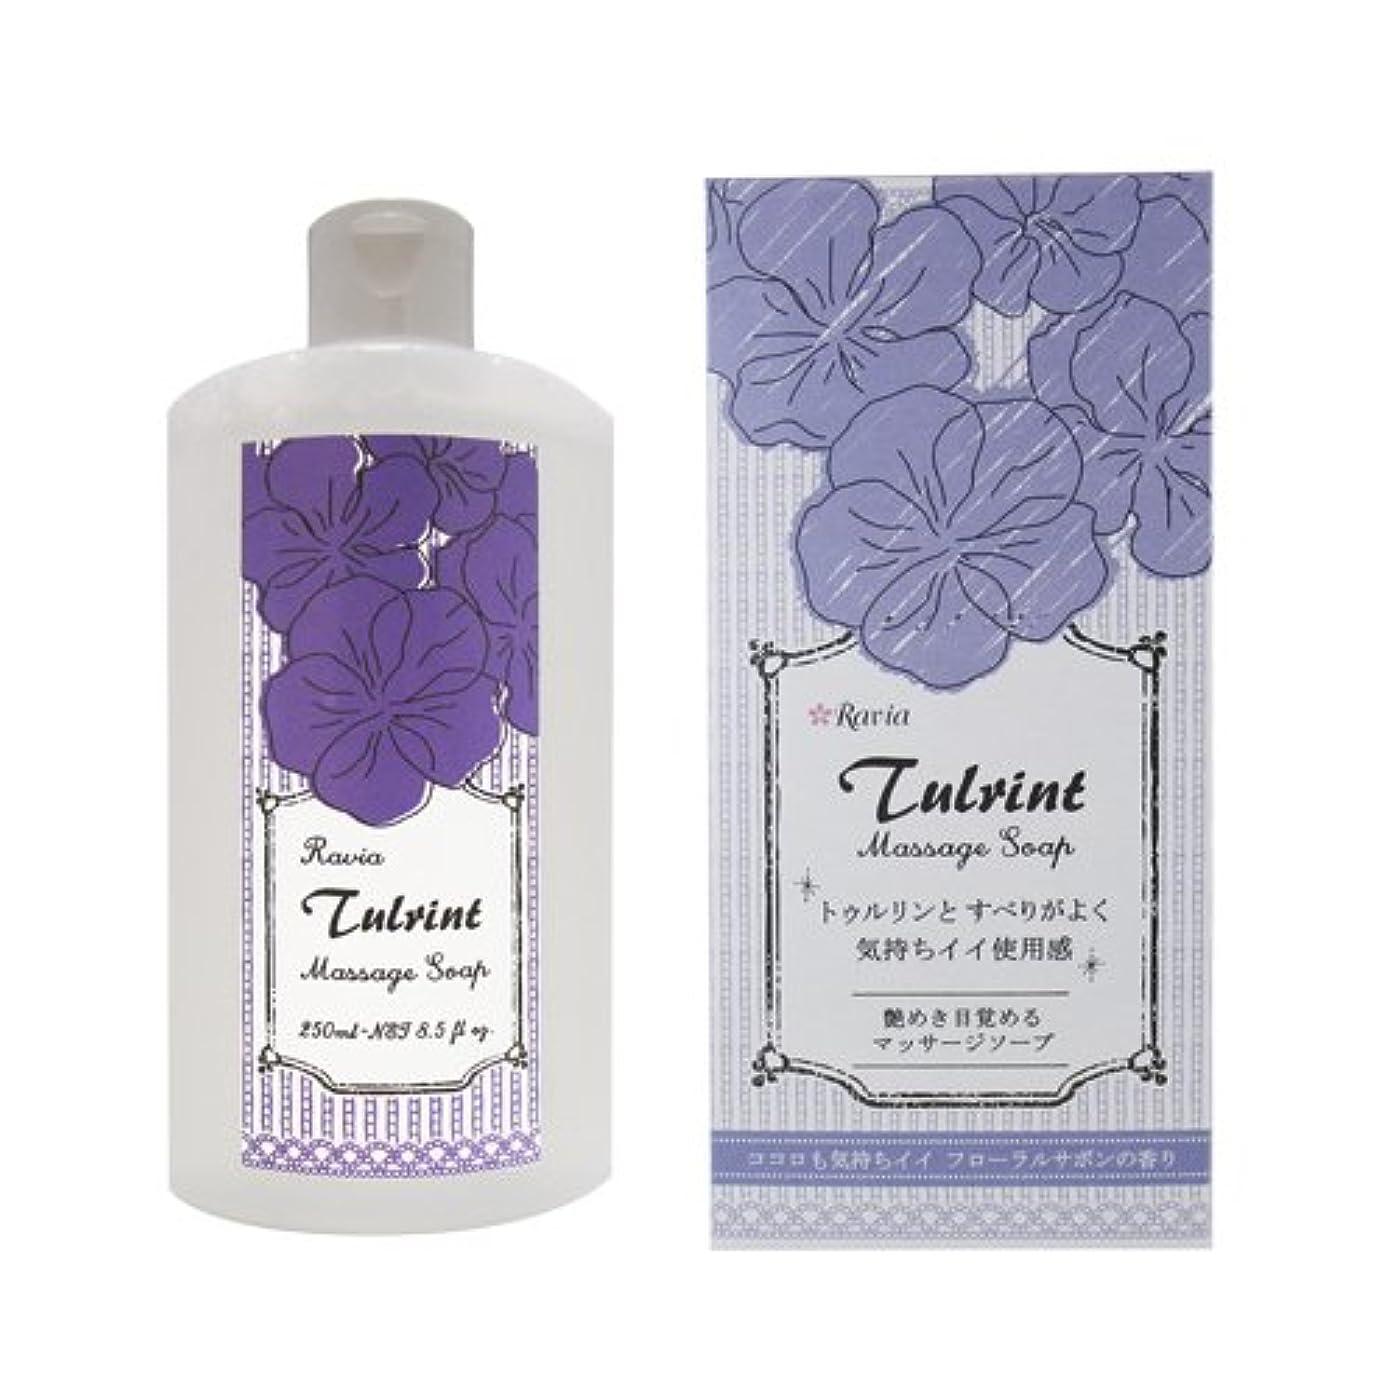 ファンド滴下日帰り旅行に【マッサージソープ】ラヴィア(Ravia) トゥルリント マッサージソープ(Tulrint Massage soap) 250ml フローラルサボンの香り